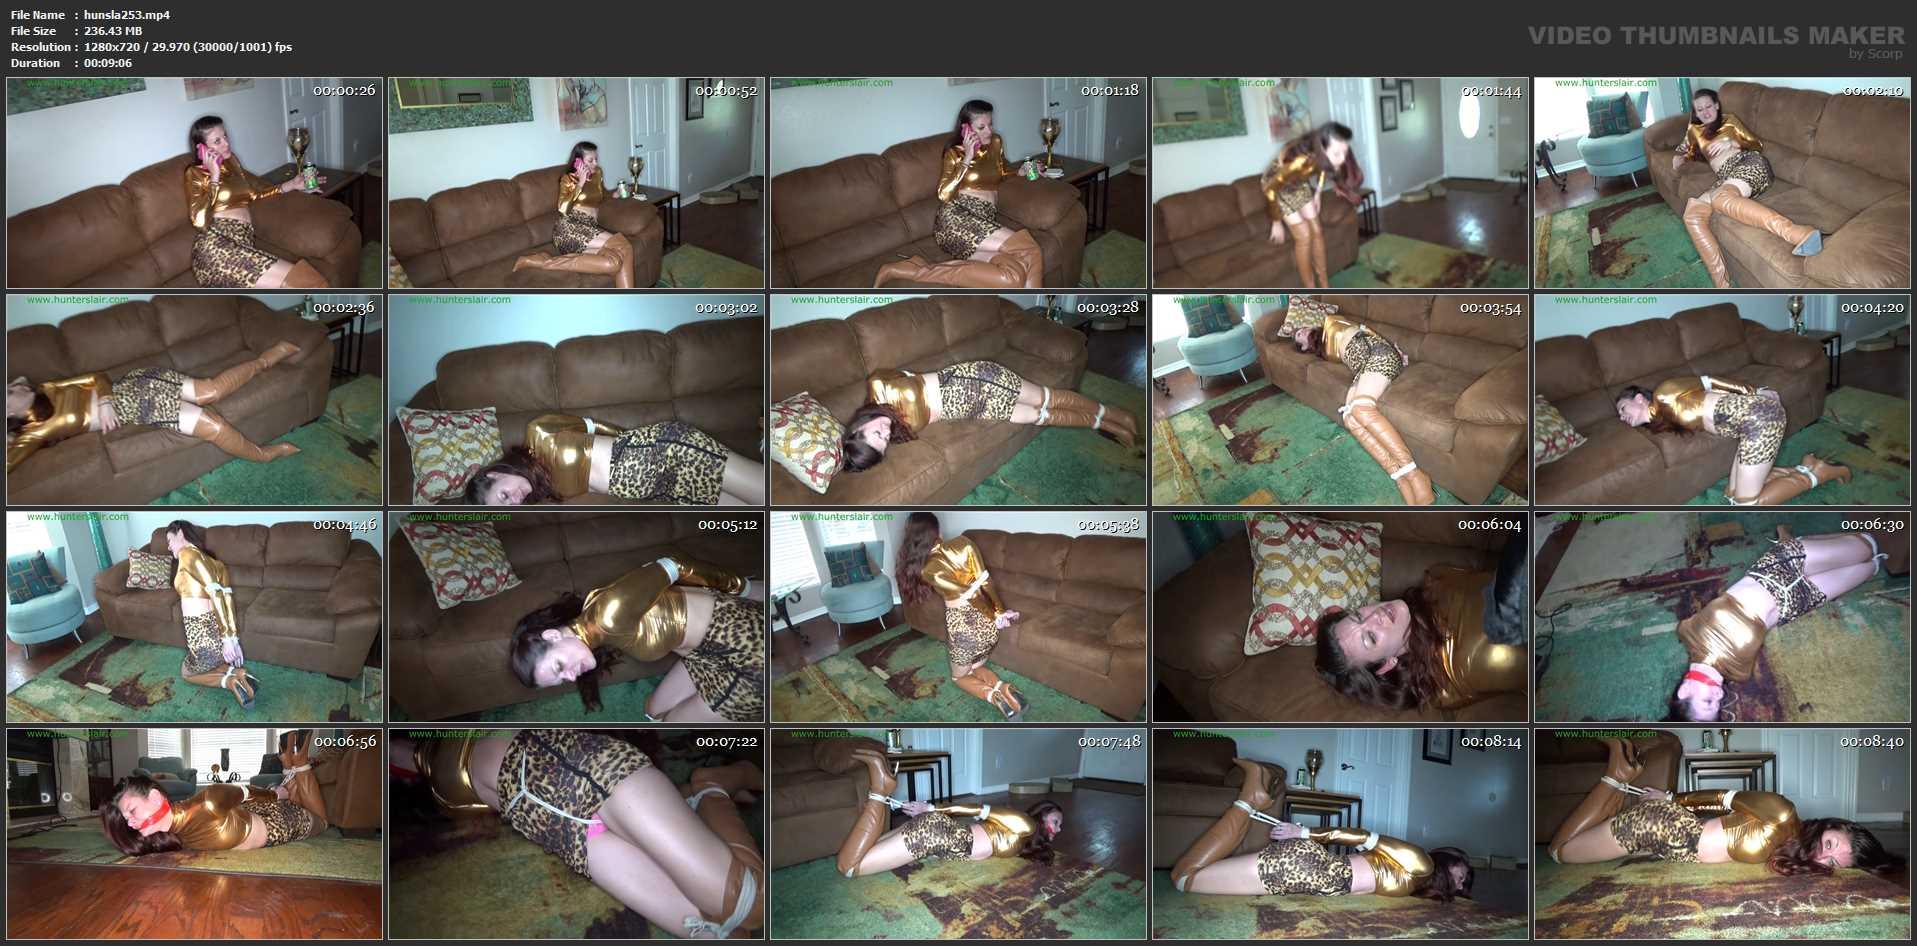 [HUNTERSLAIR] The giggling girls hogtied their babysitter. Featuring: Ren Smolder [HD][720p][MP4]